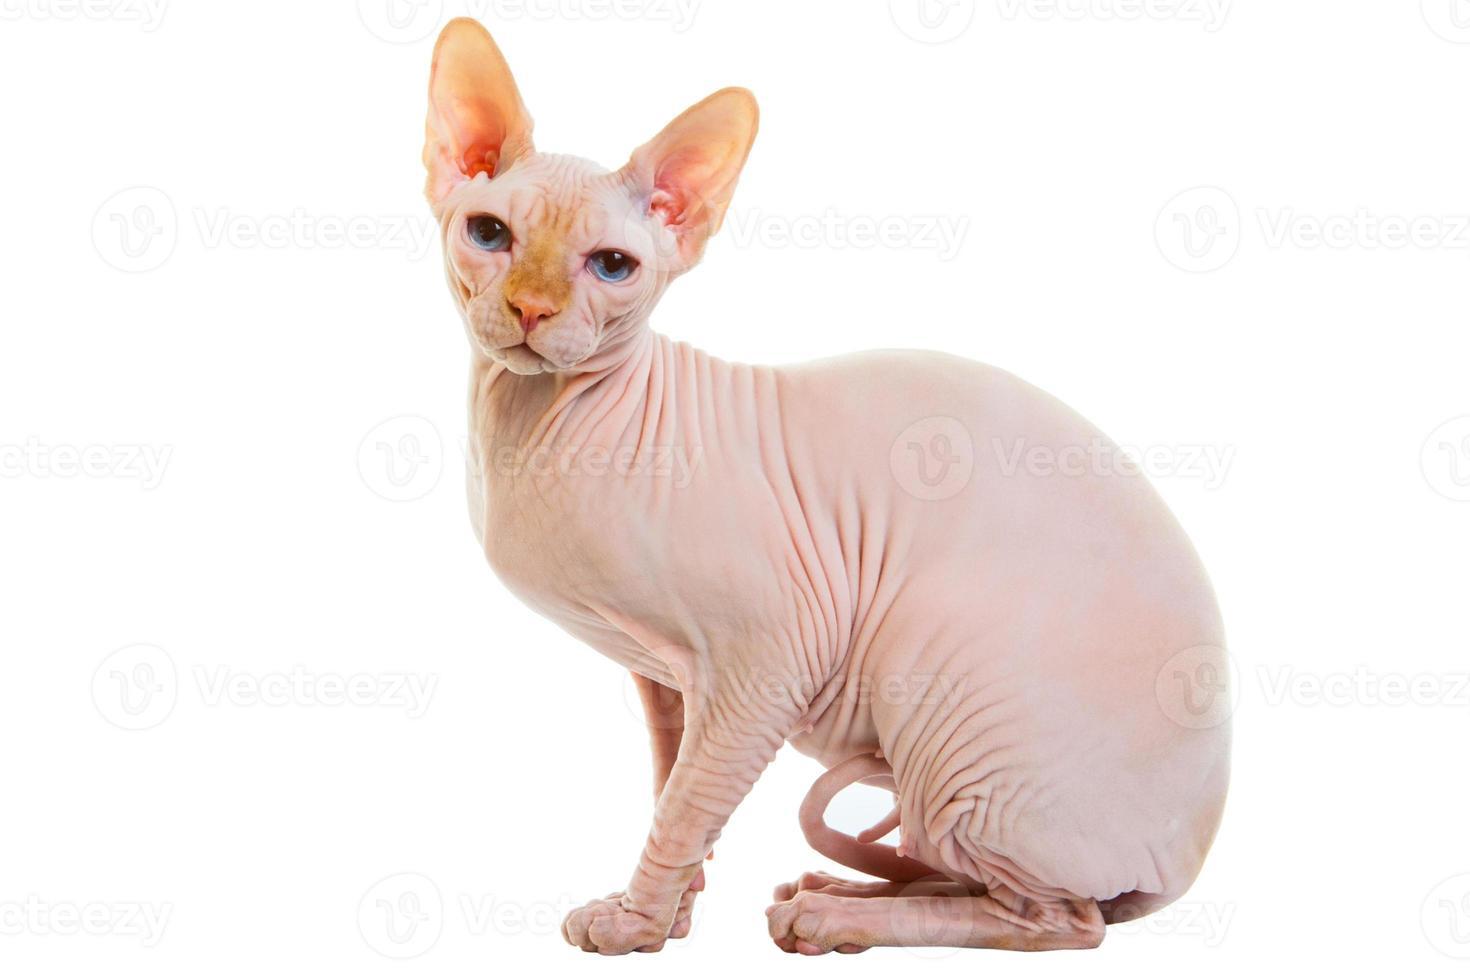 gato sem pêlos sphynx foto